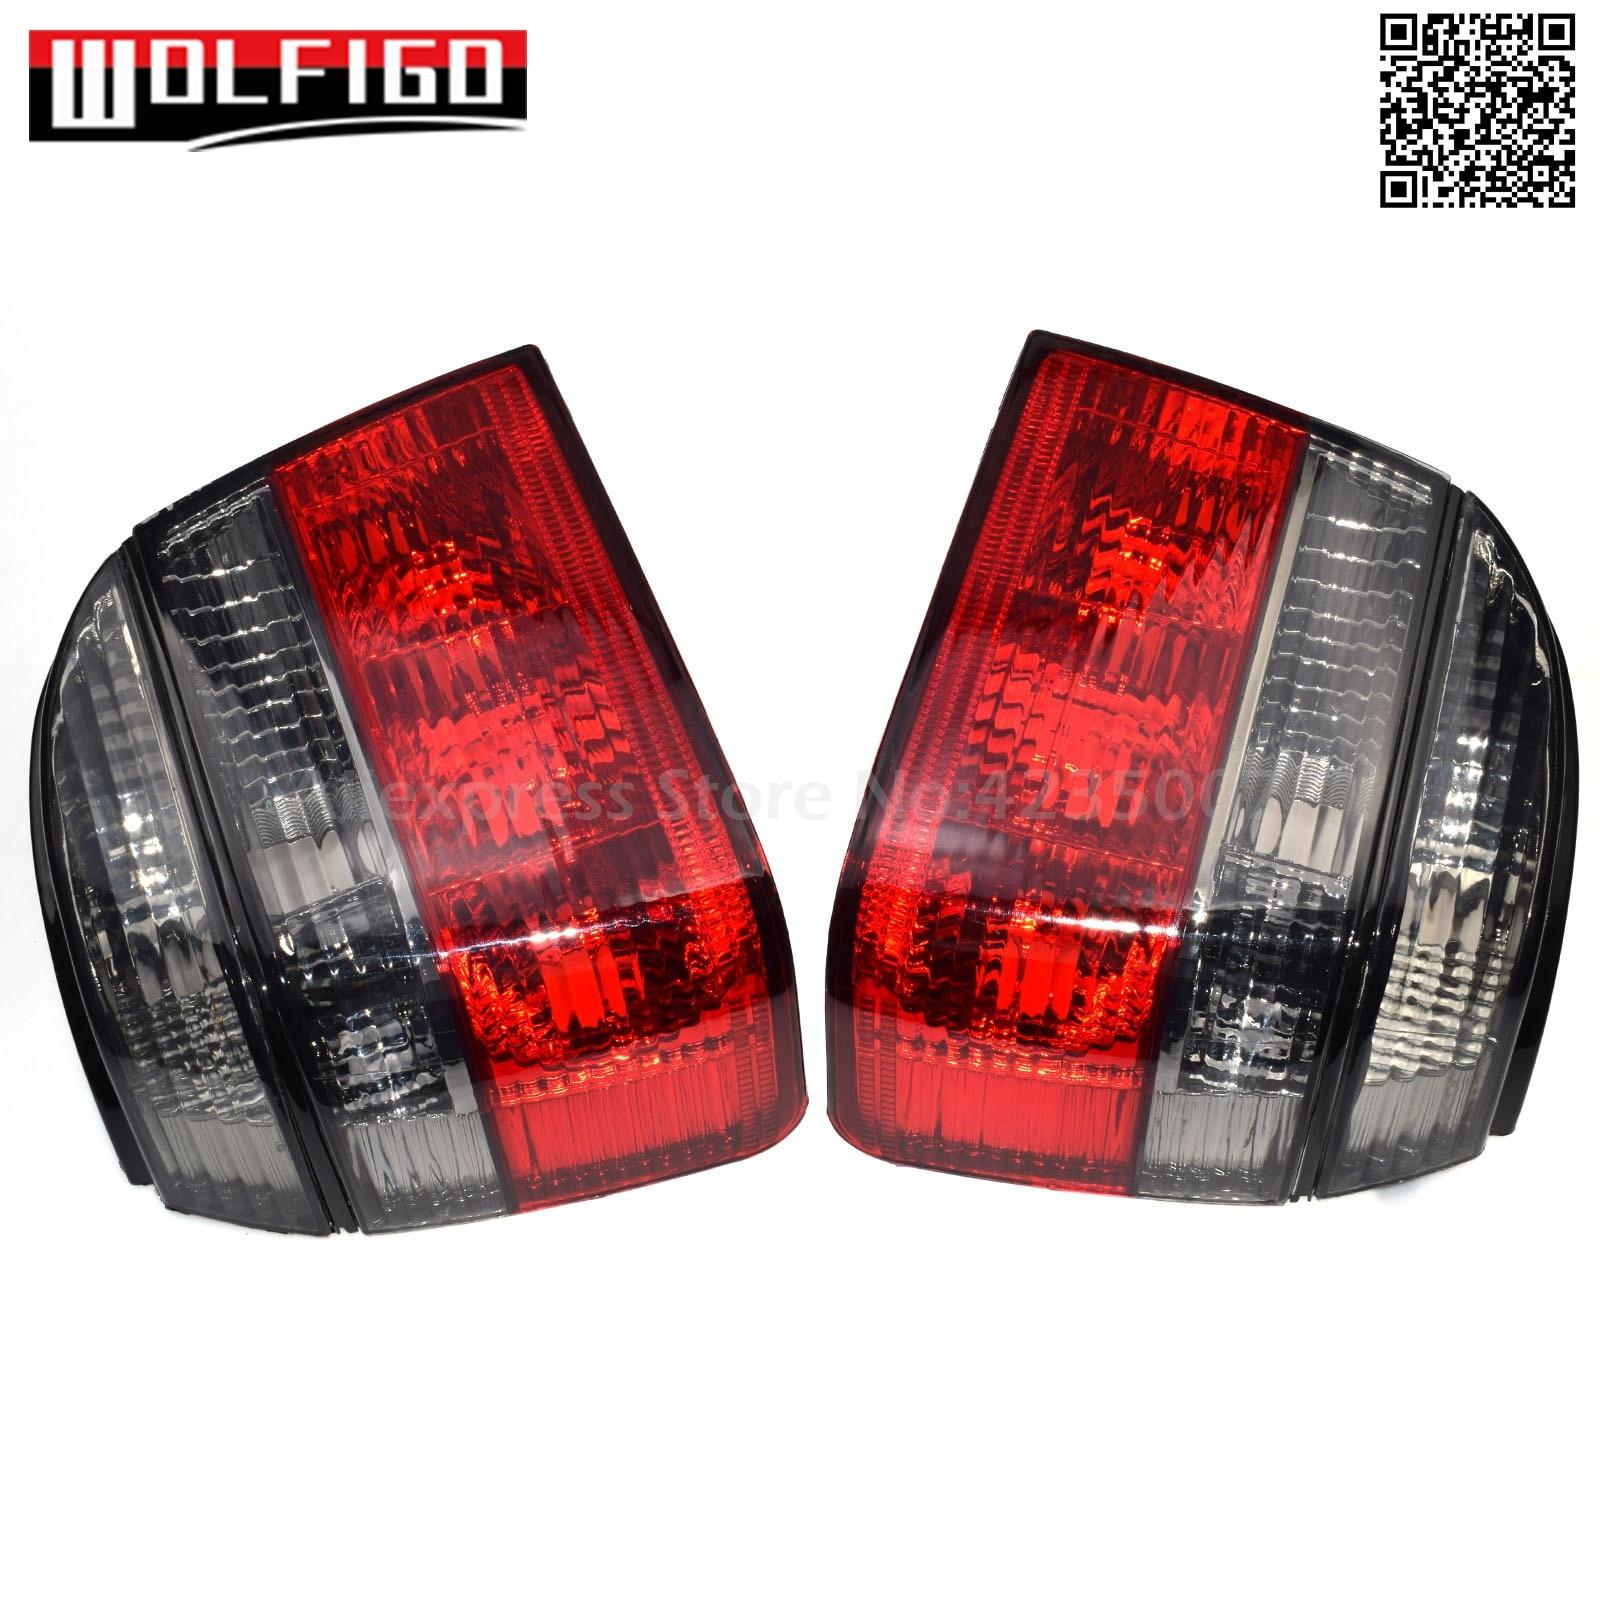 WOLFIGO New Left Right Car Tail Lights Red Smoke For VW Golf Mk3 1993-1999 1EM945112,1EM945111